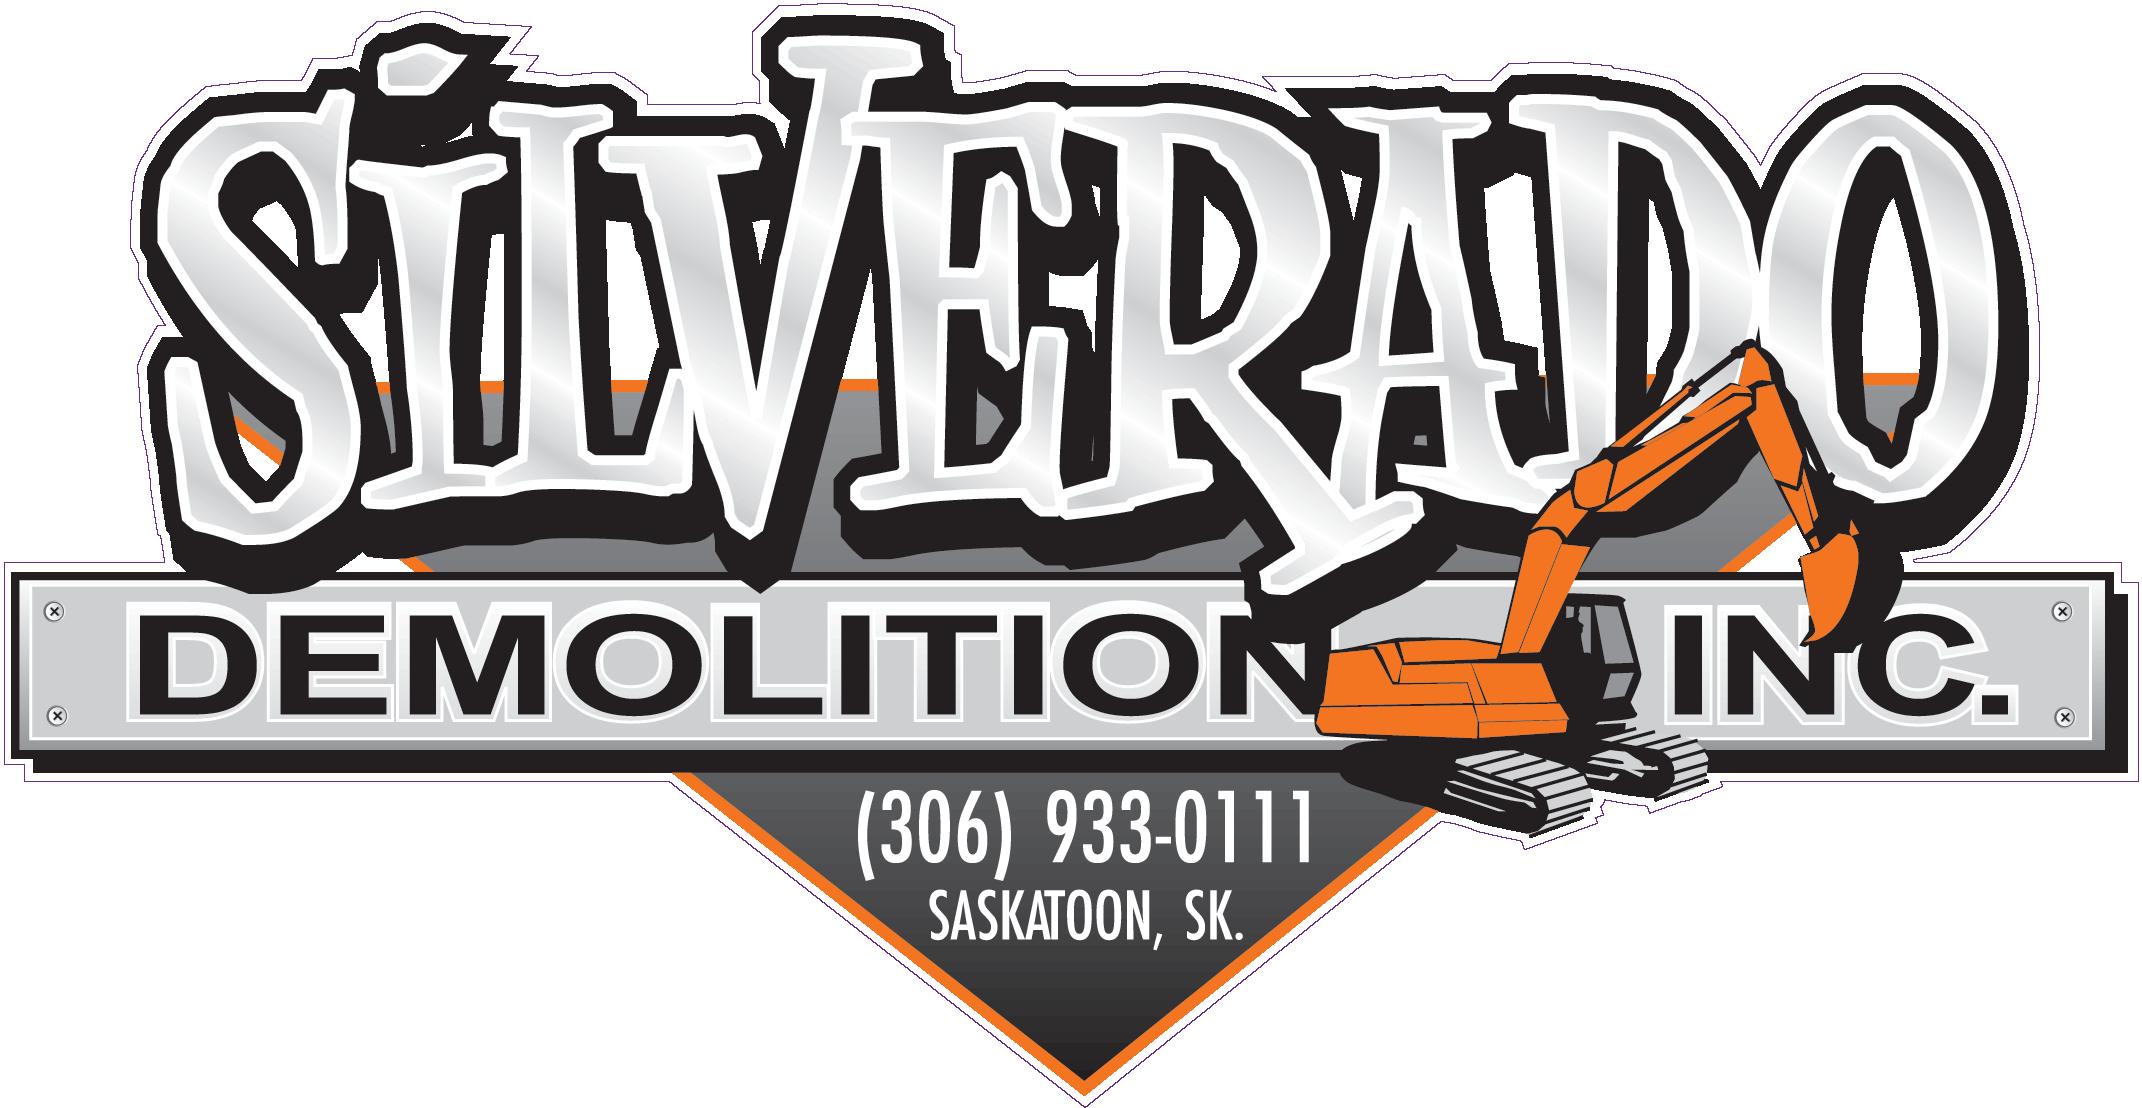 Silverado Demolition